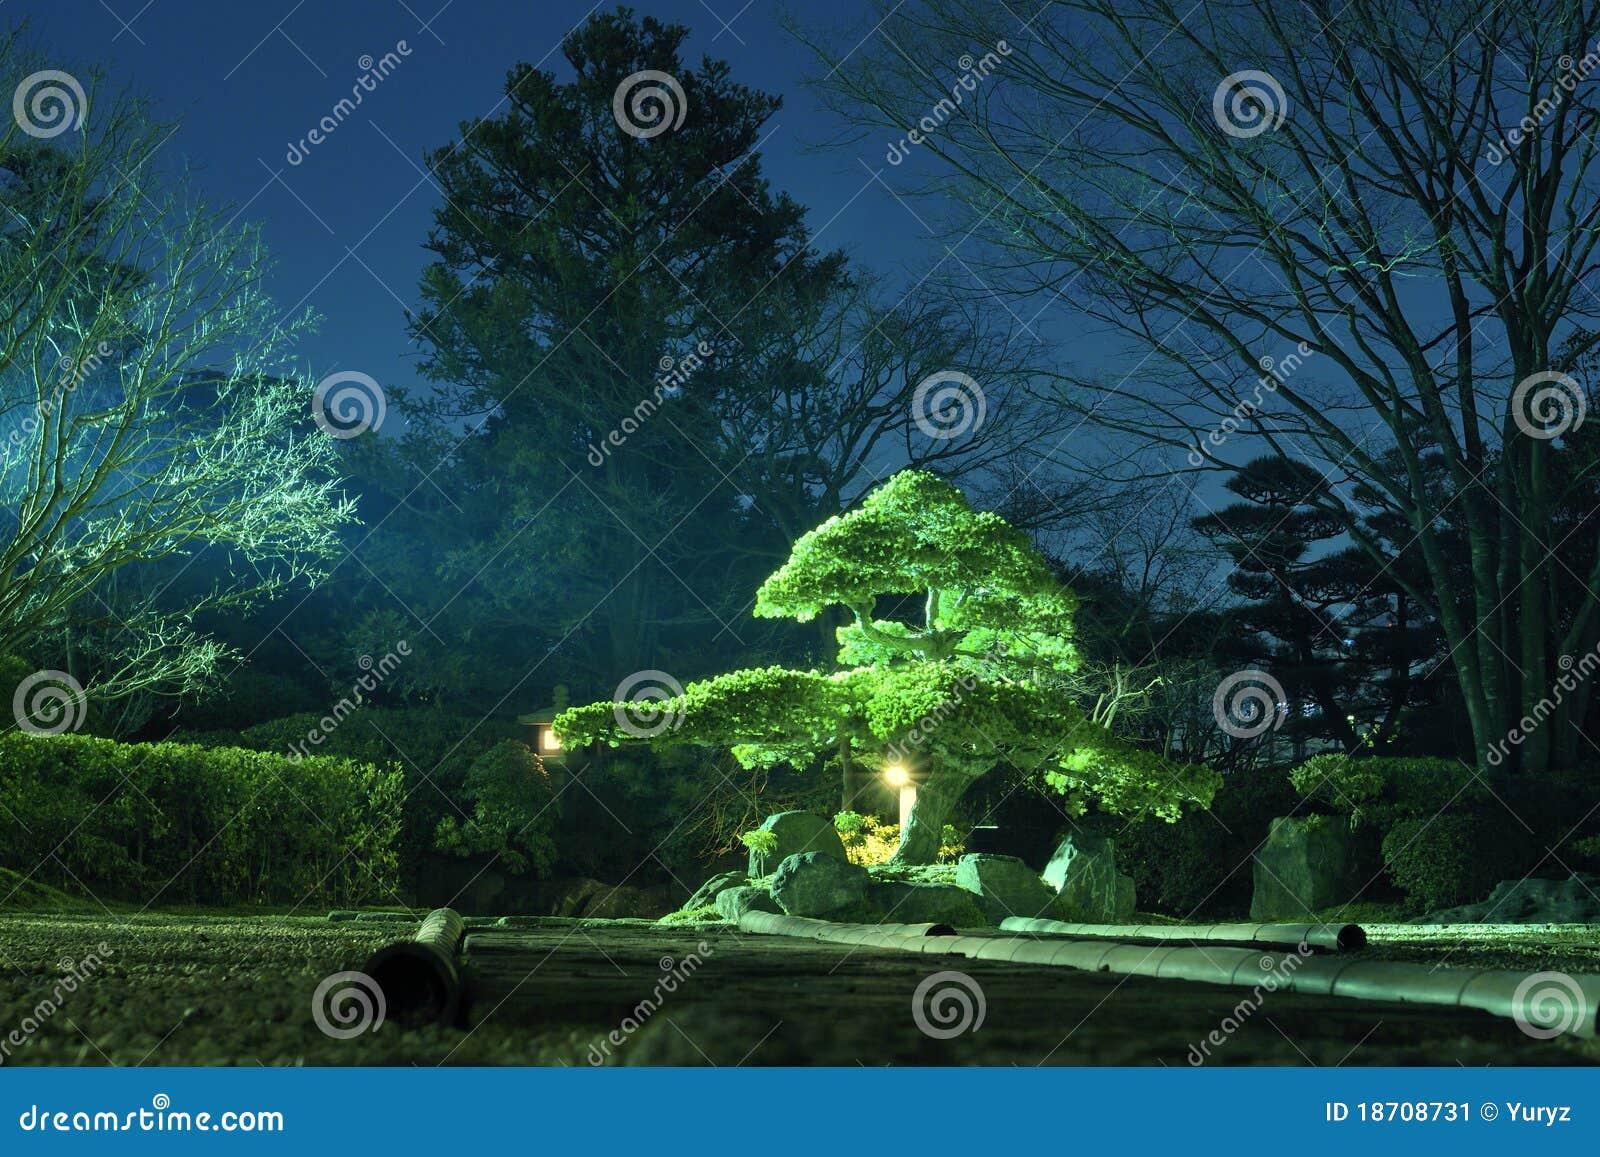 Giardino di notte immagine stock. immagine di giapponese 18708731